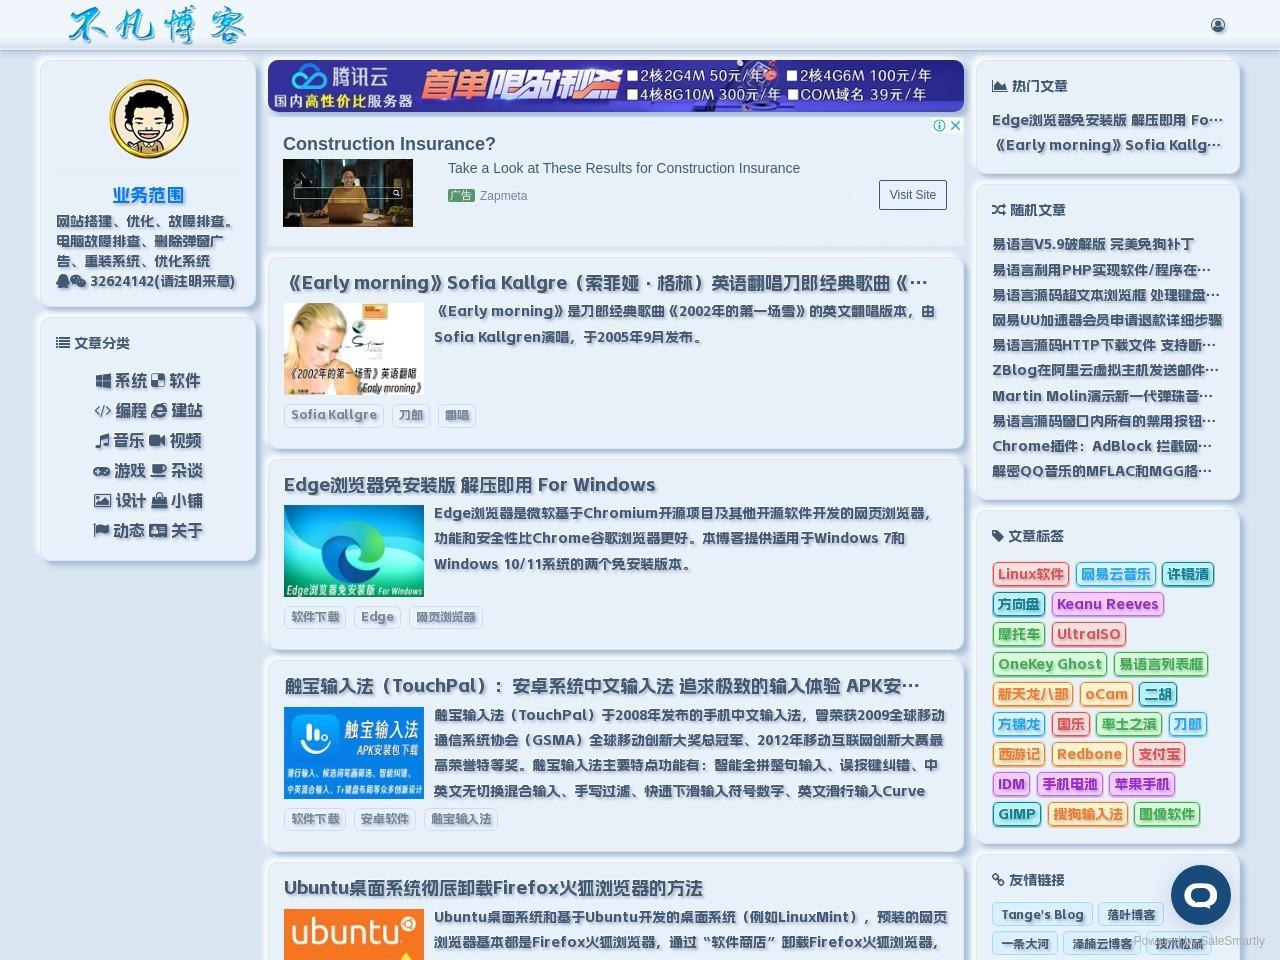 不凡博客(Bufanz.com) - 易语言编程_ZBlog建站优化_WordPress建站优化